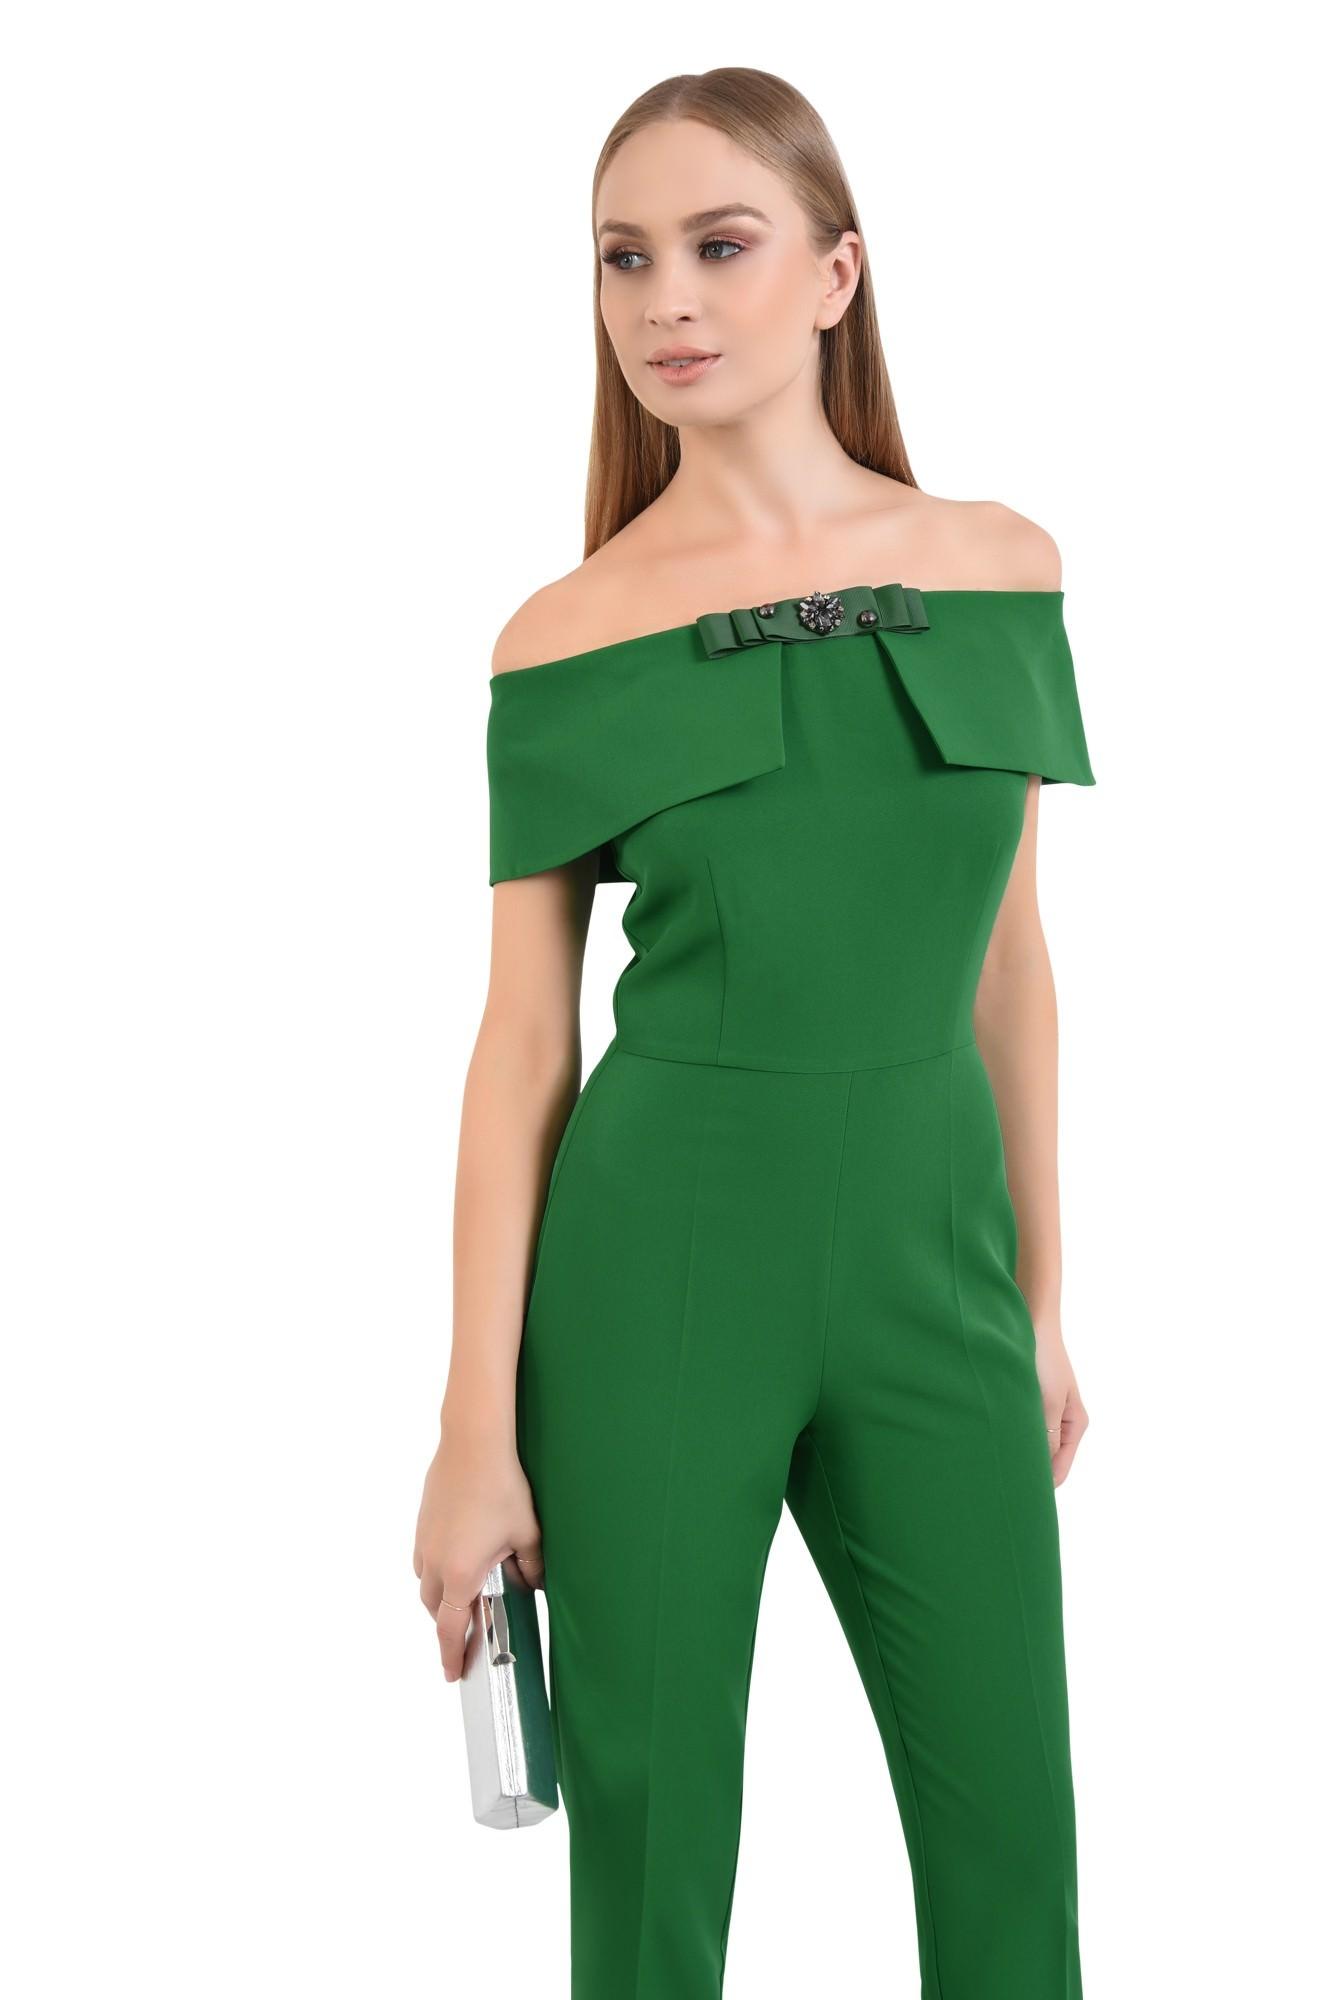 salopeta eleganta, verde, brosa, umeri goi